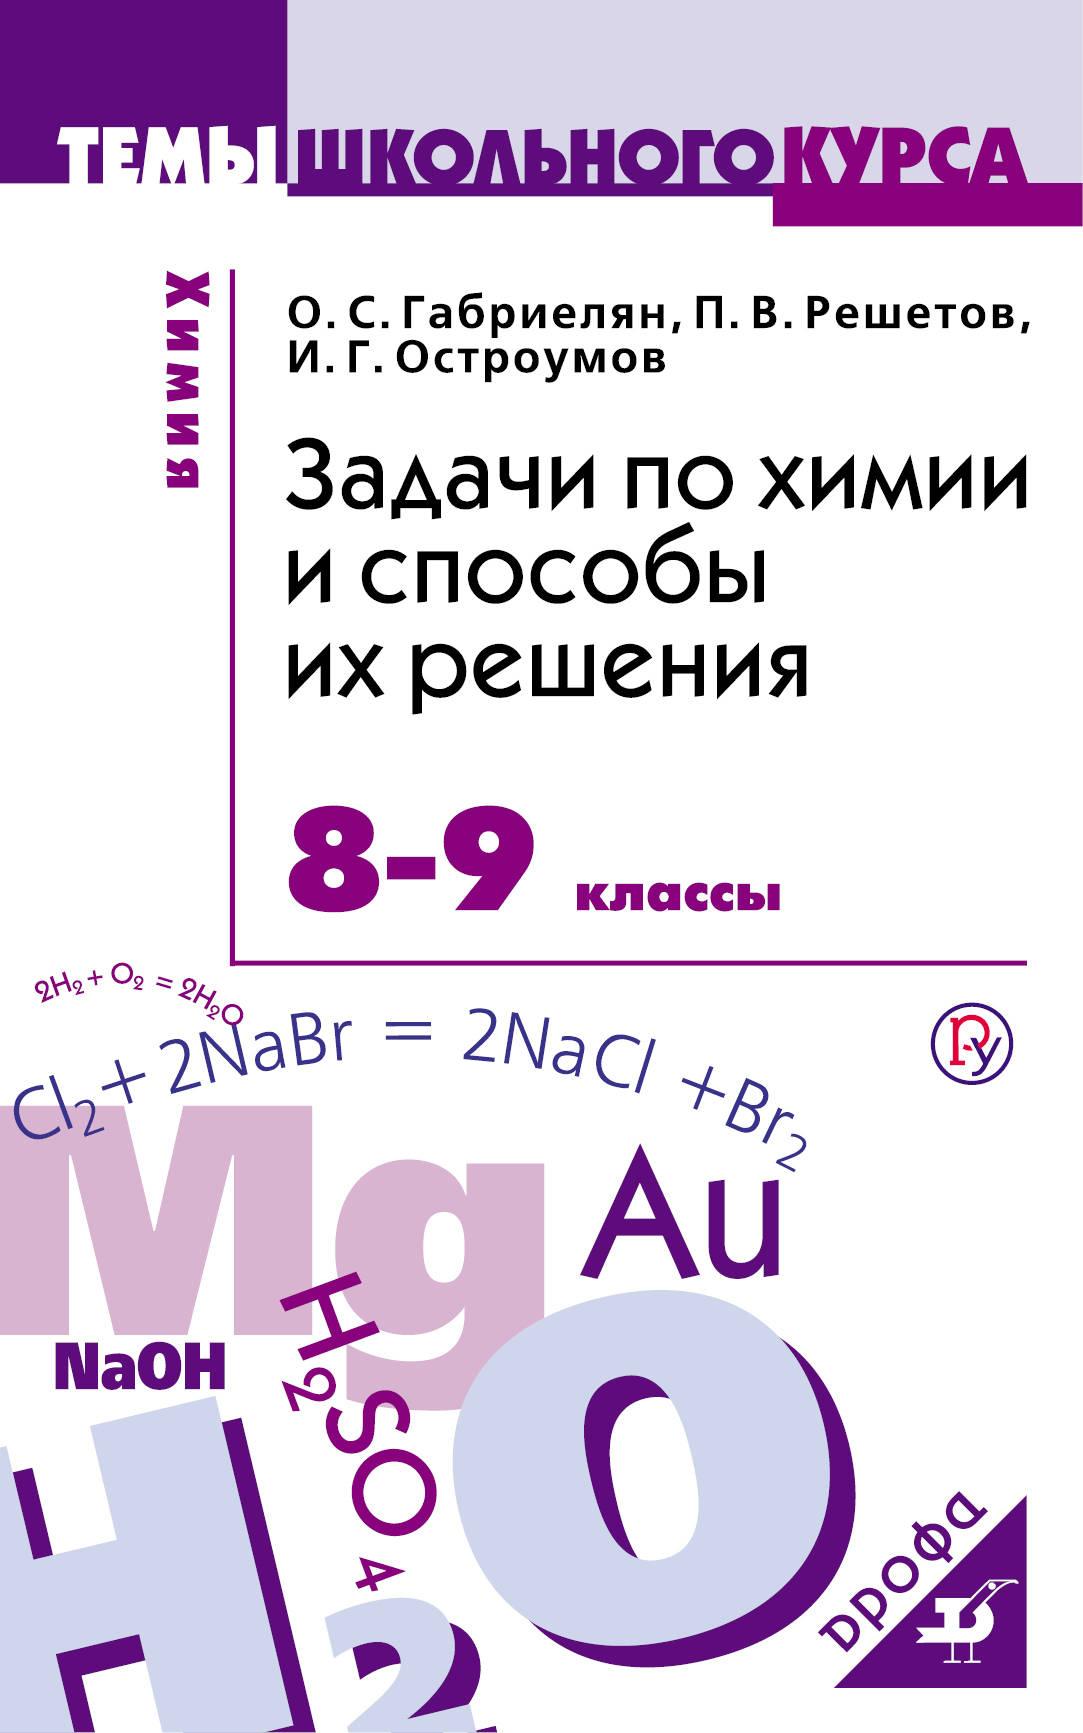 О. С. Габриелян, П. В. Решетов, И. Г. Остроумов Химия. 8-9 классы. Задачи по химии и способы их решения o p i o i 15ml ds reserve ds027